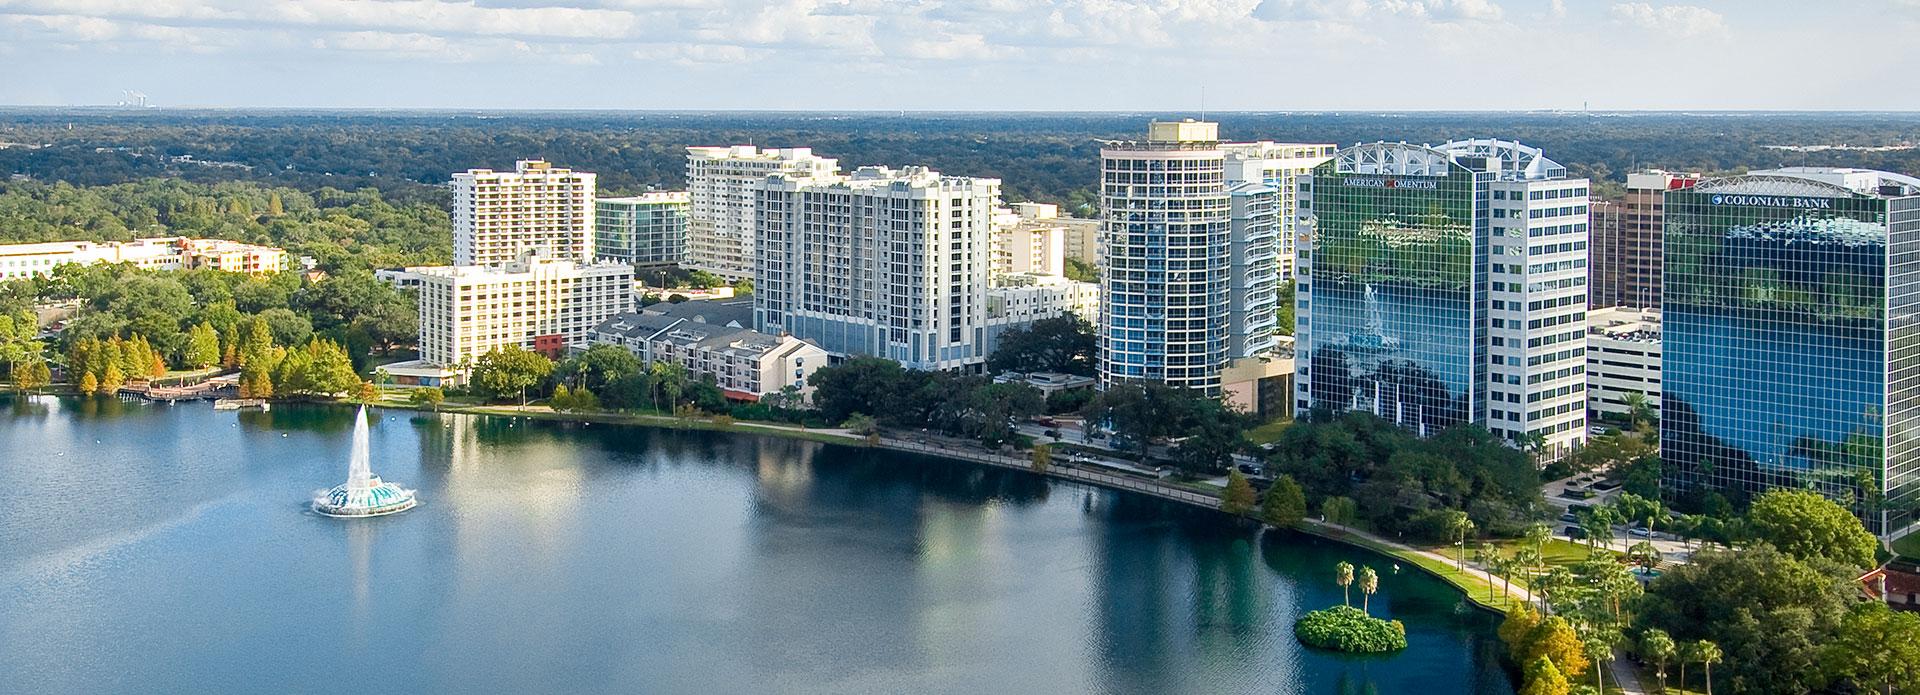 WorldQuest Orlando Resort Florida